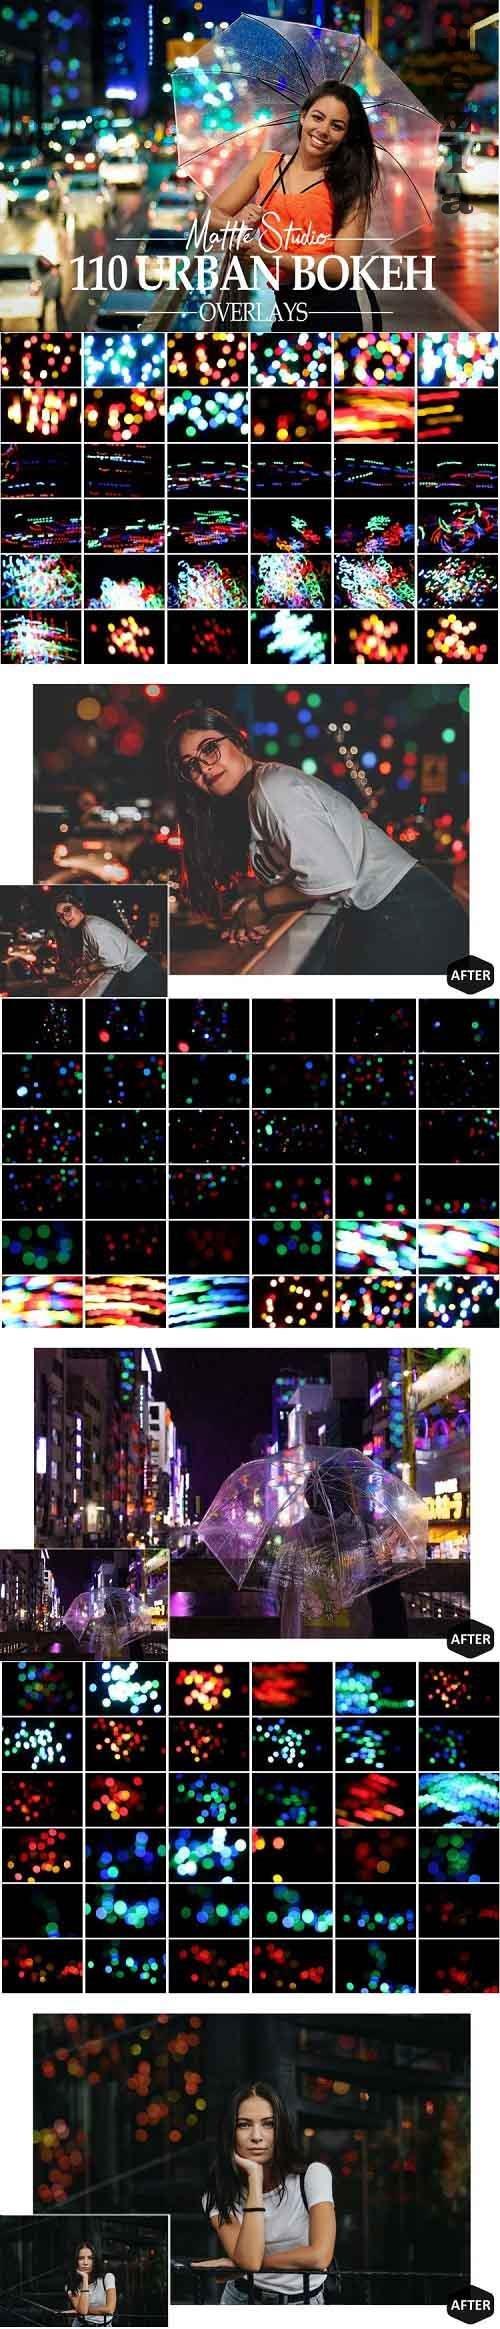 110 Urban Bokeh Overlays, Street Night Photoshop Overlay - 967633